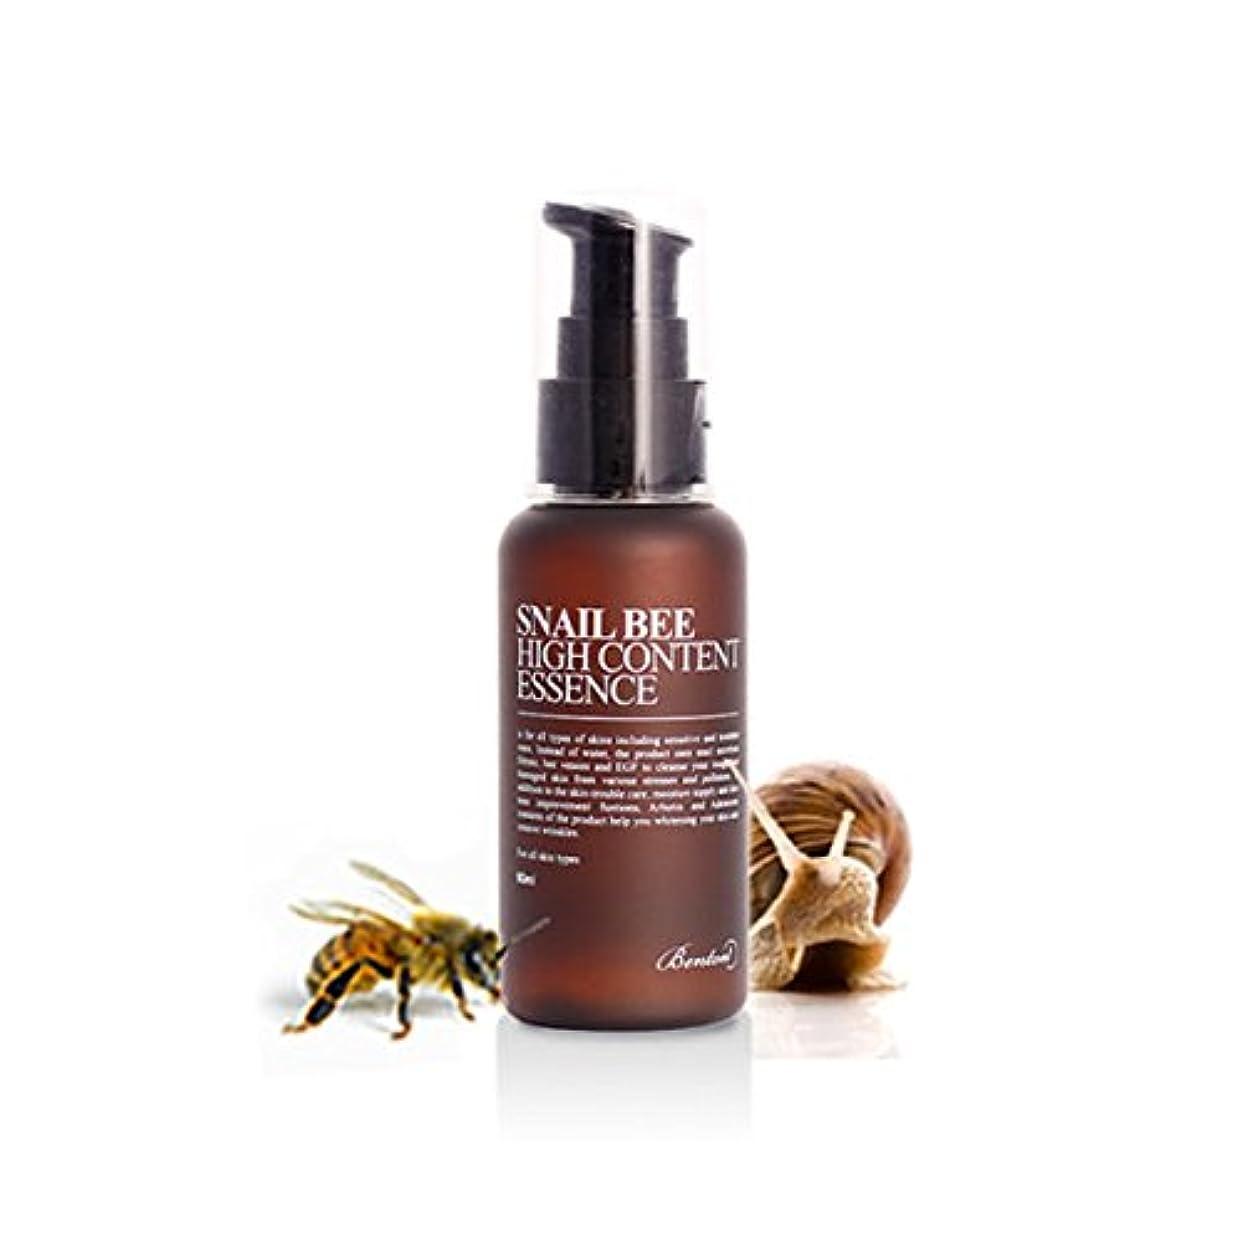 道を作る限り民兵[ベントン] Benton カタツムリ蜂ハイコンテンツエッセンス Snail Bee High Content Essence 60ml [並行輸入品]